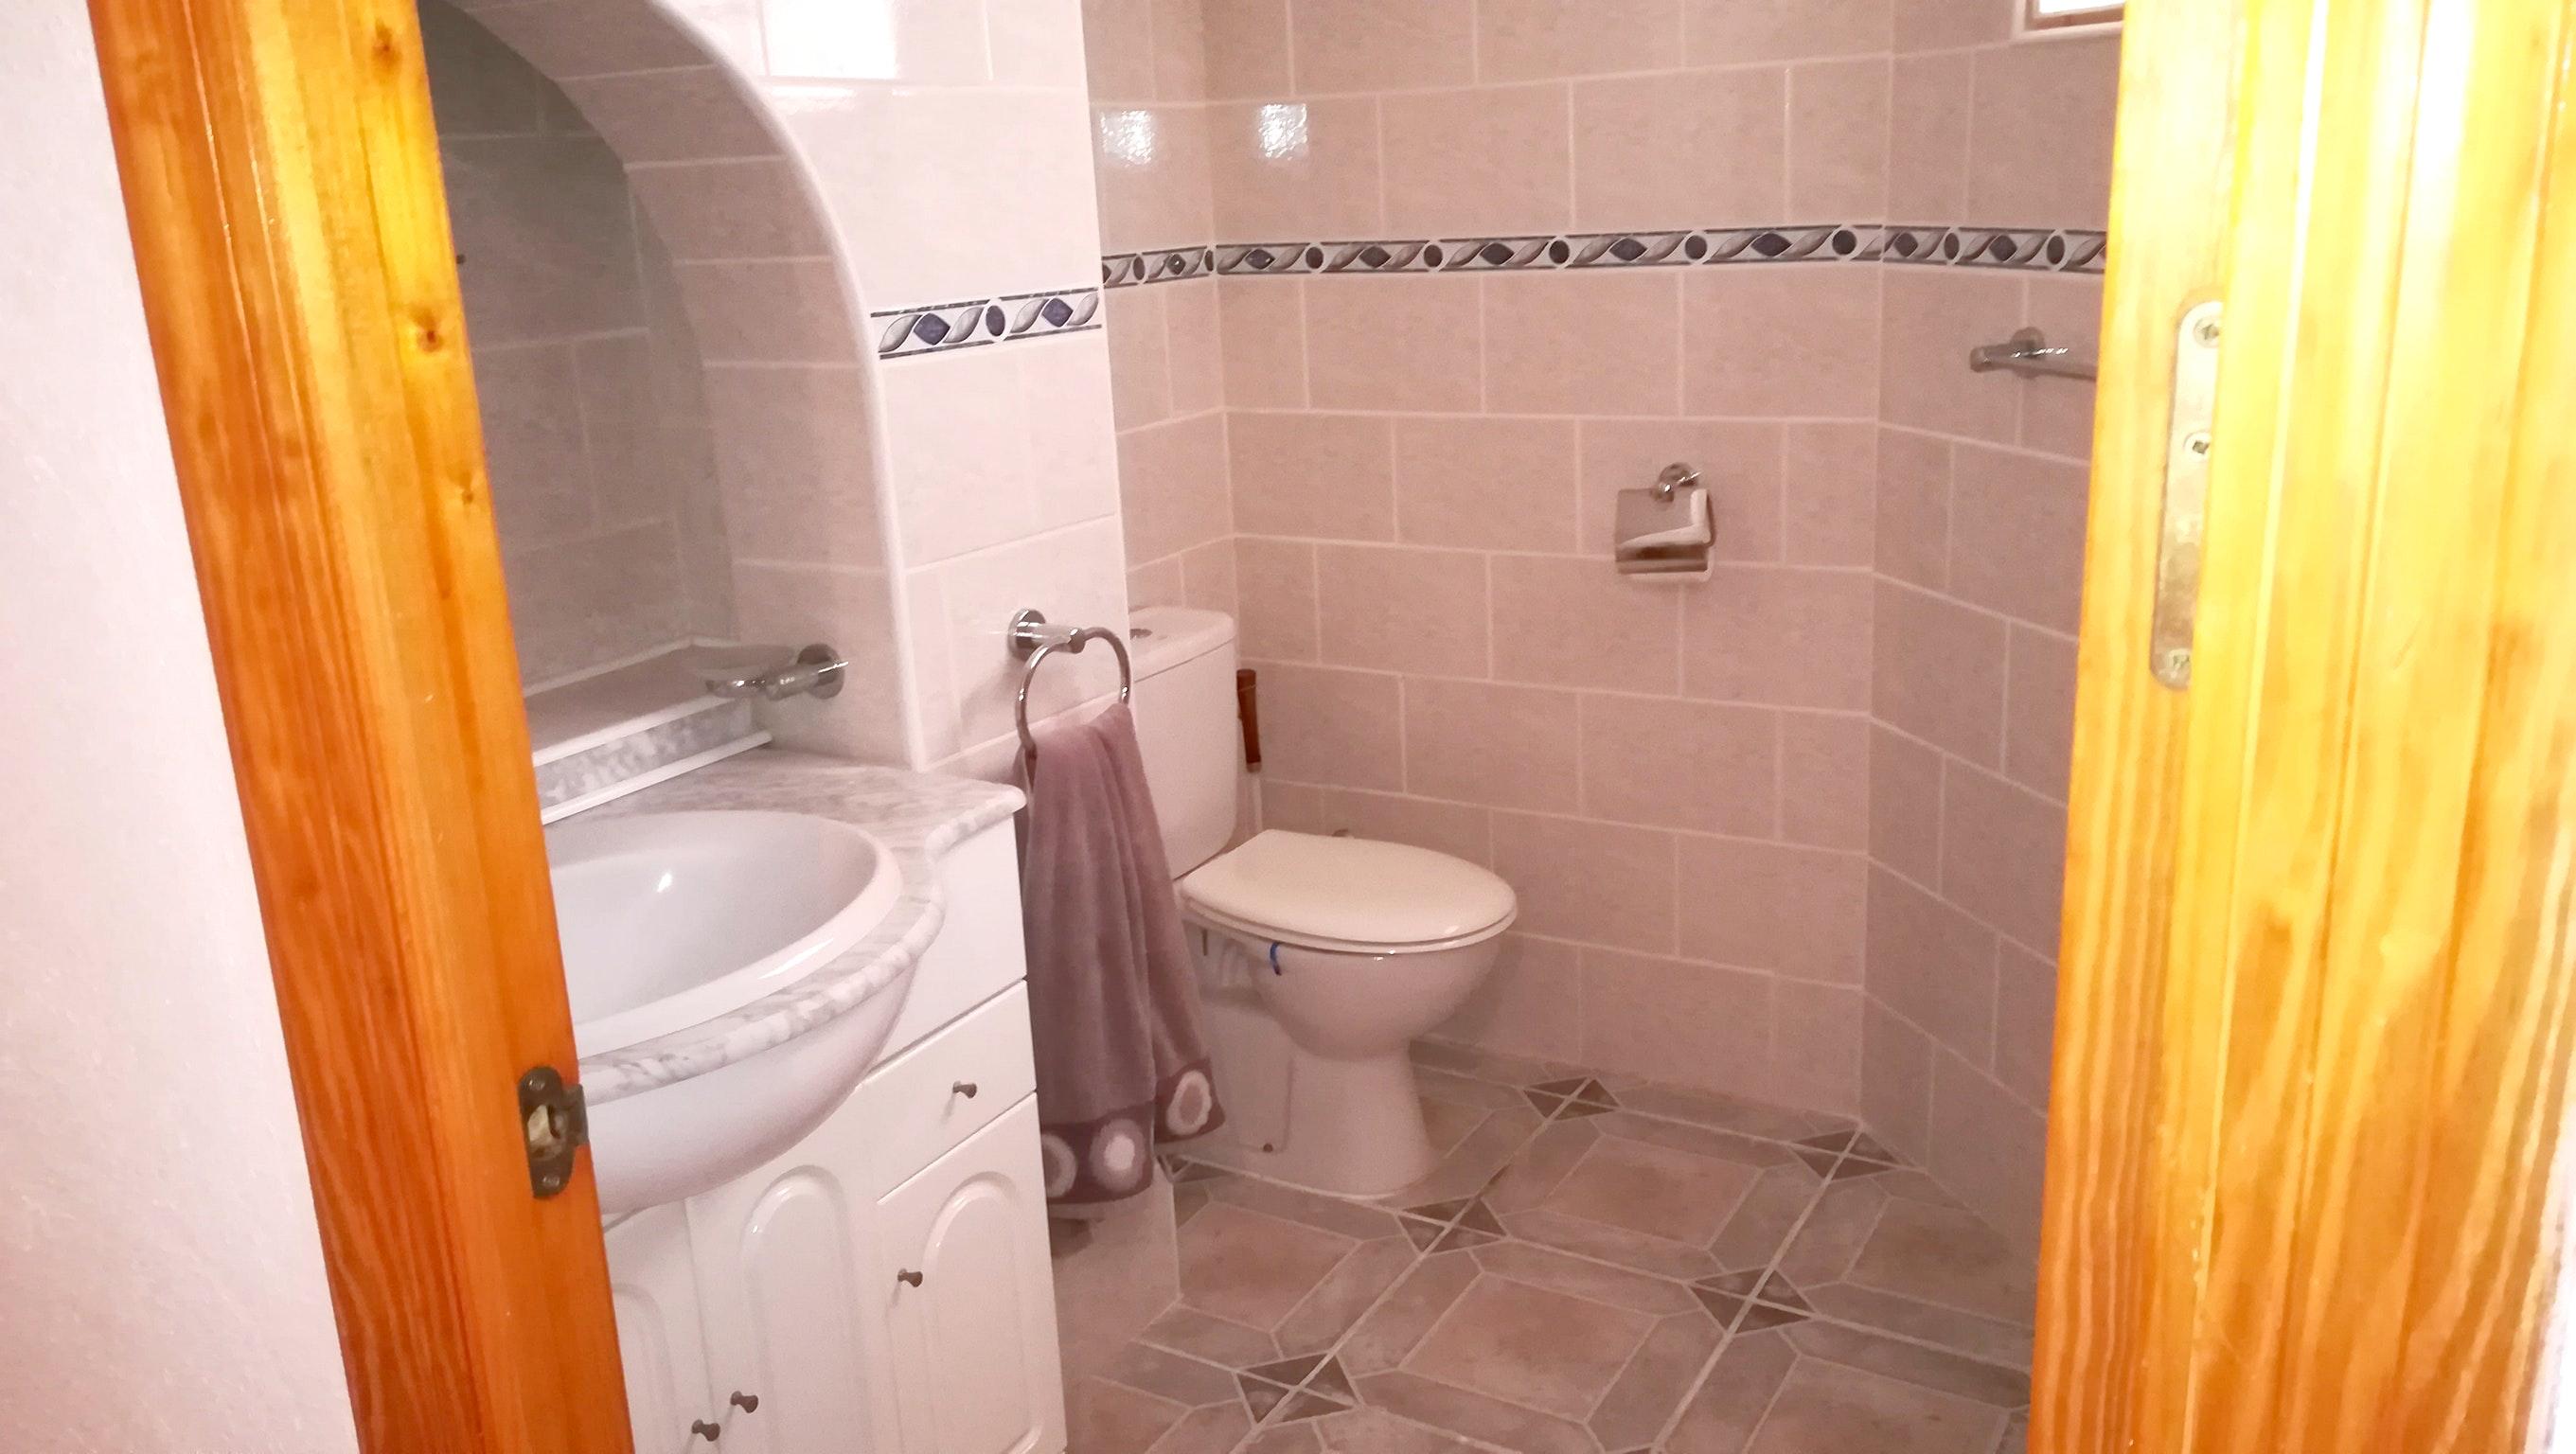 Maison de vacances Villa mit 2 Schlafzimmern in Mazarrón mit toller Aussicht auf die Berge, privatem Pool, ei (2632538), Mazarron, Costa Calida, Murcie, Espagne, image 27